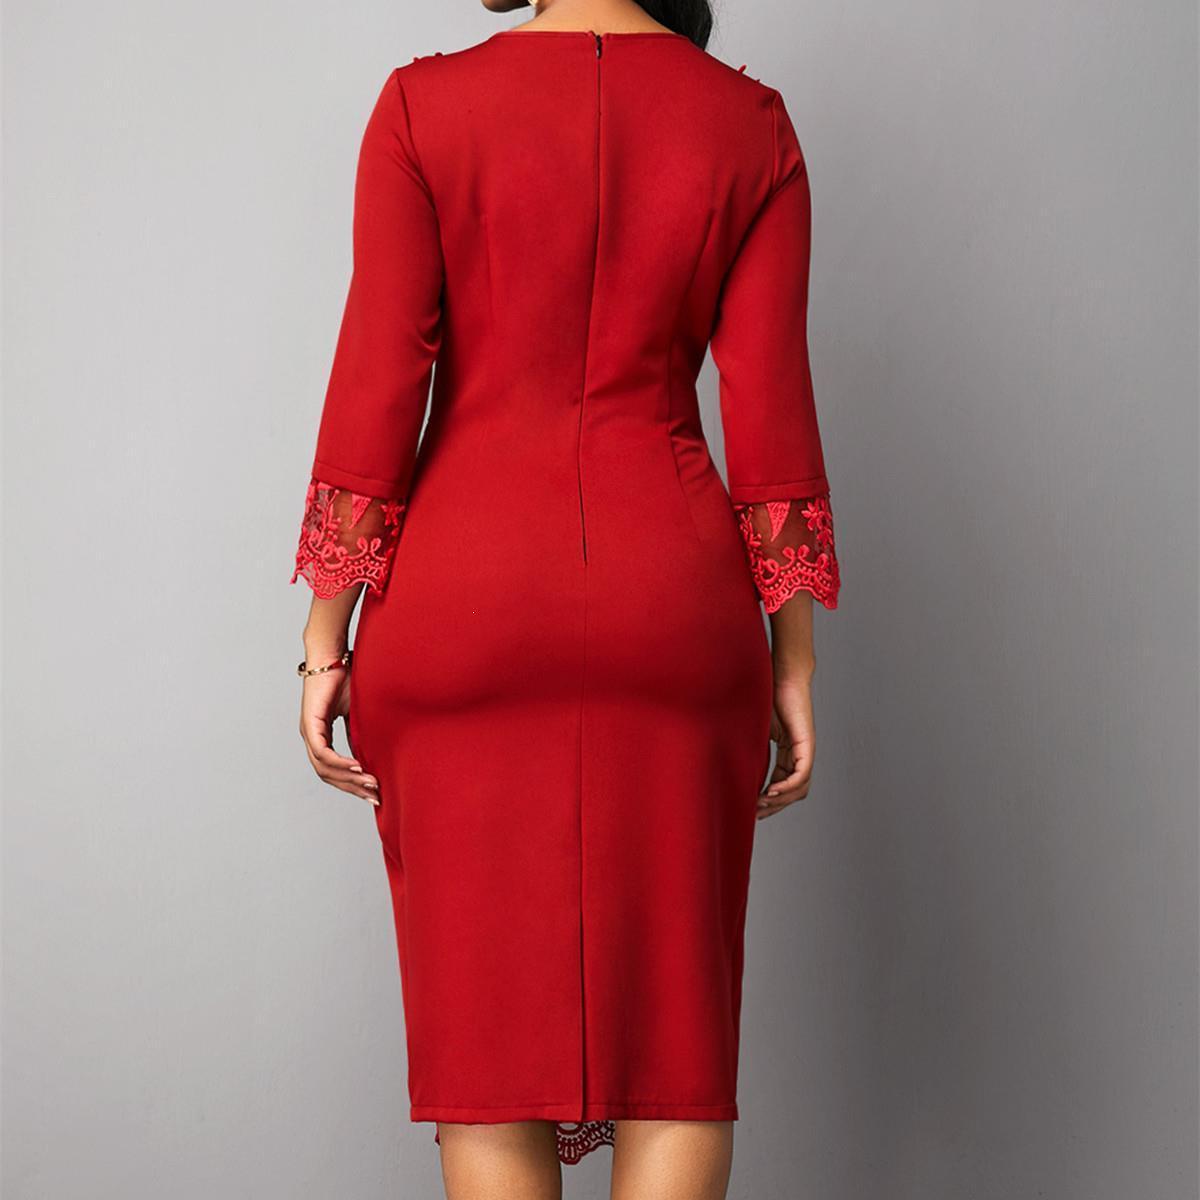 Superbe robe grande taille avec dentelles jusqu'au 5XL